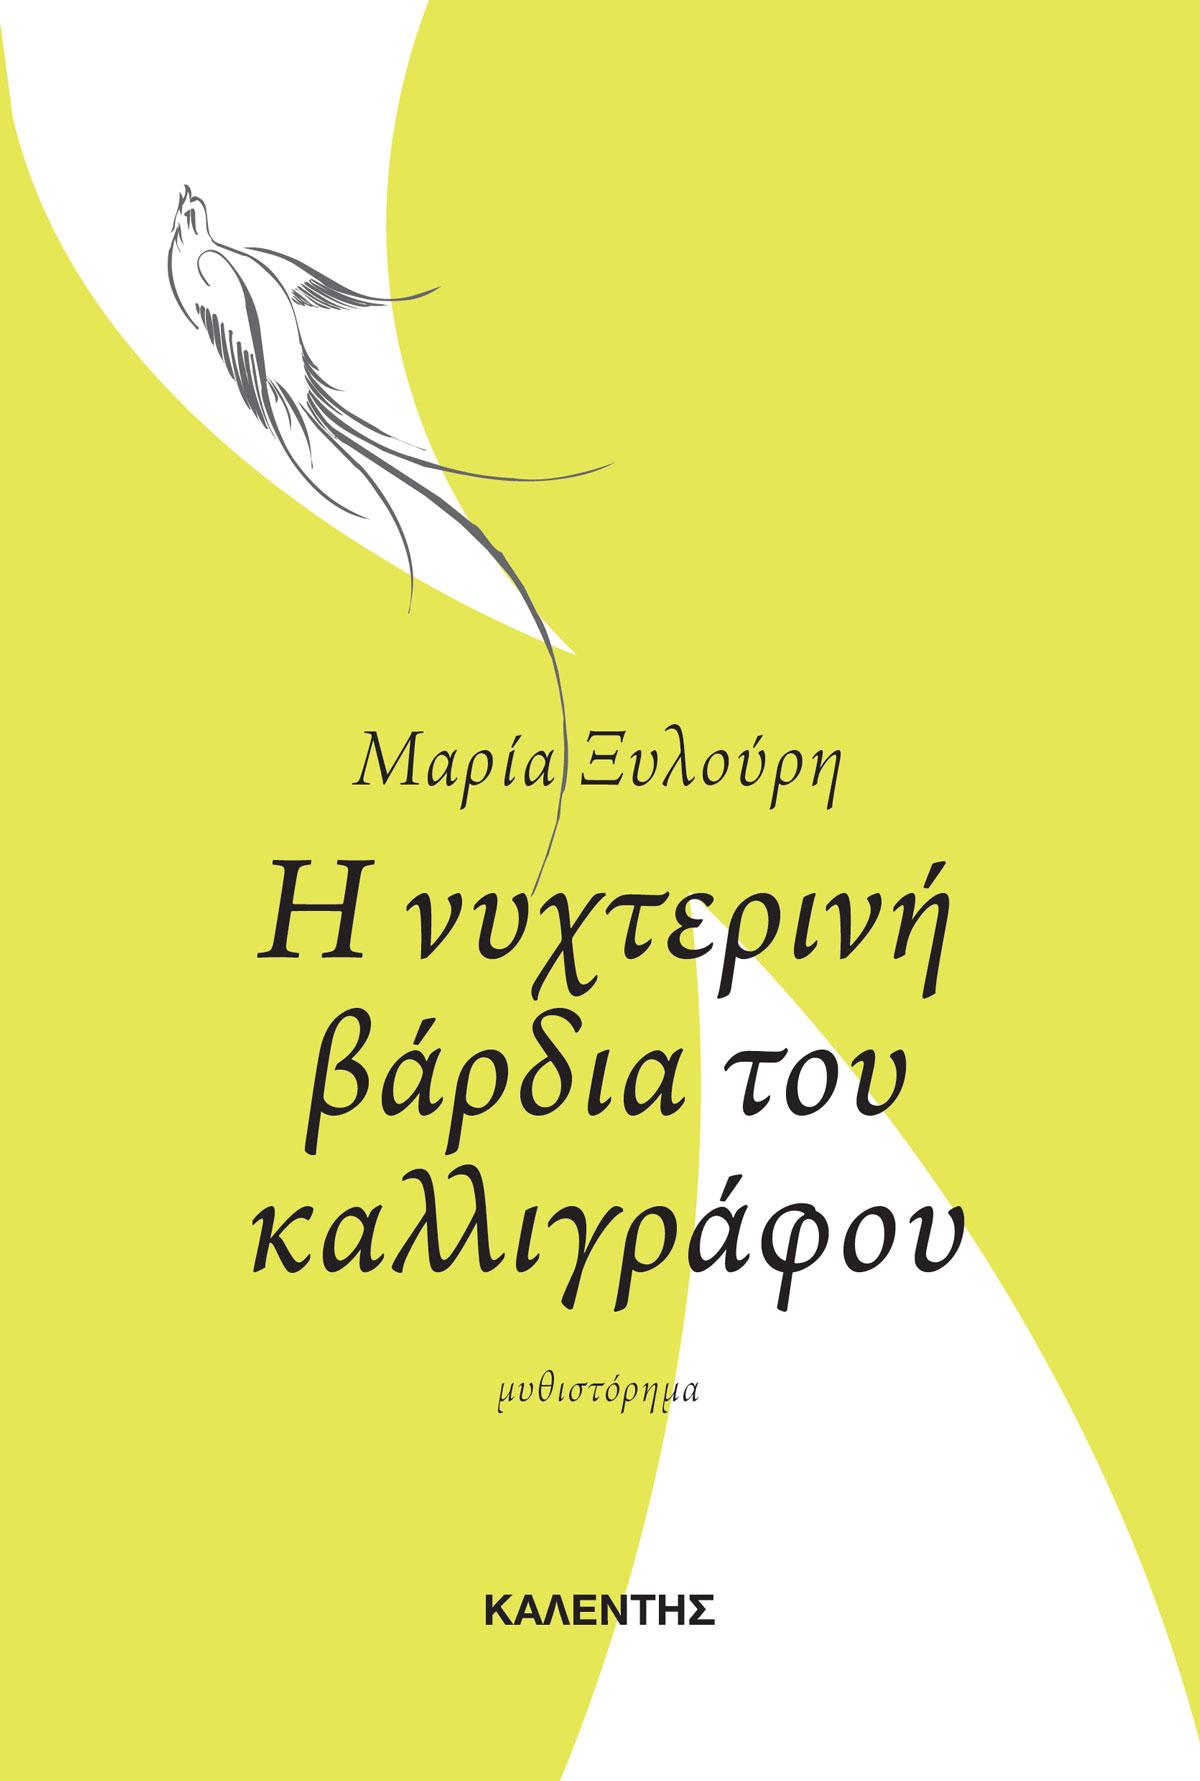 Το μυθιστόρημα της Μαρίας Ξυλούρη «Η νυχτερινή βάρδια του καλλιγράφου» στον βραχύ κατάλογο για το Βραβείο Λογοτεχνίας της Ευρωπαϊκής Ένωσης, 2017 (European Union Prize for Literature)